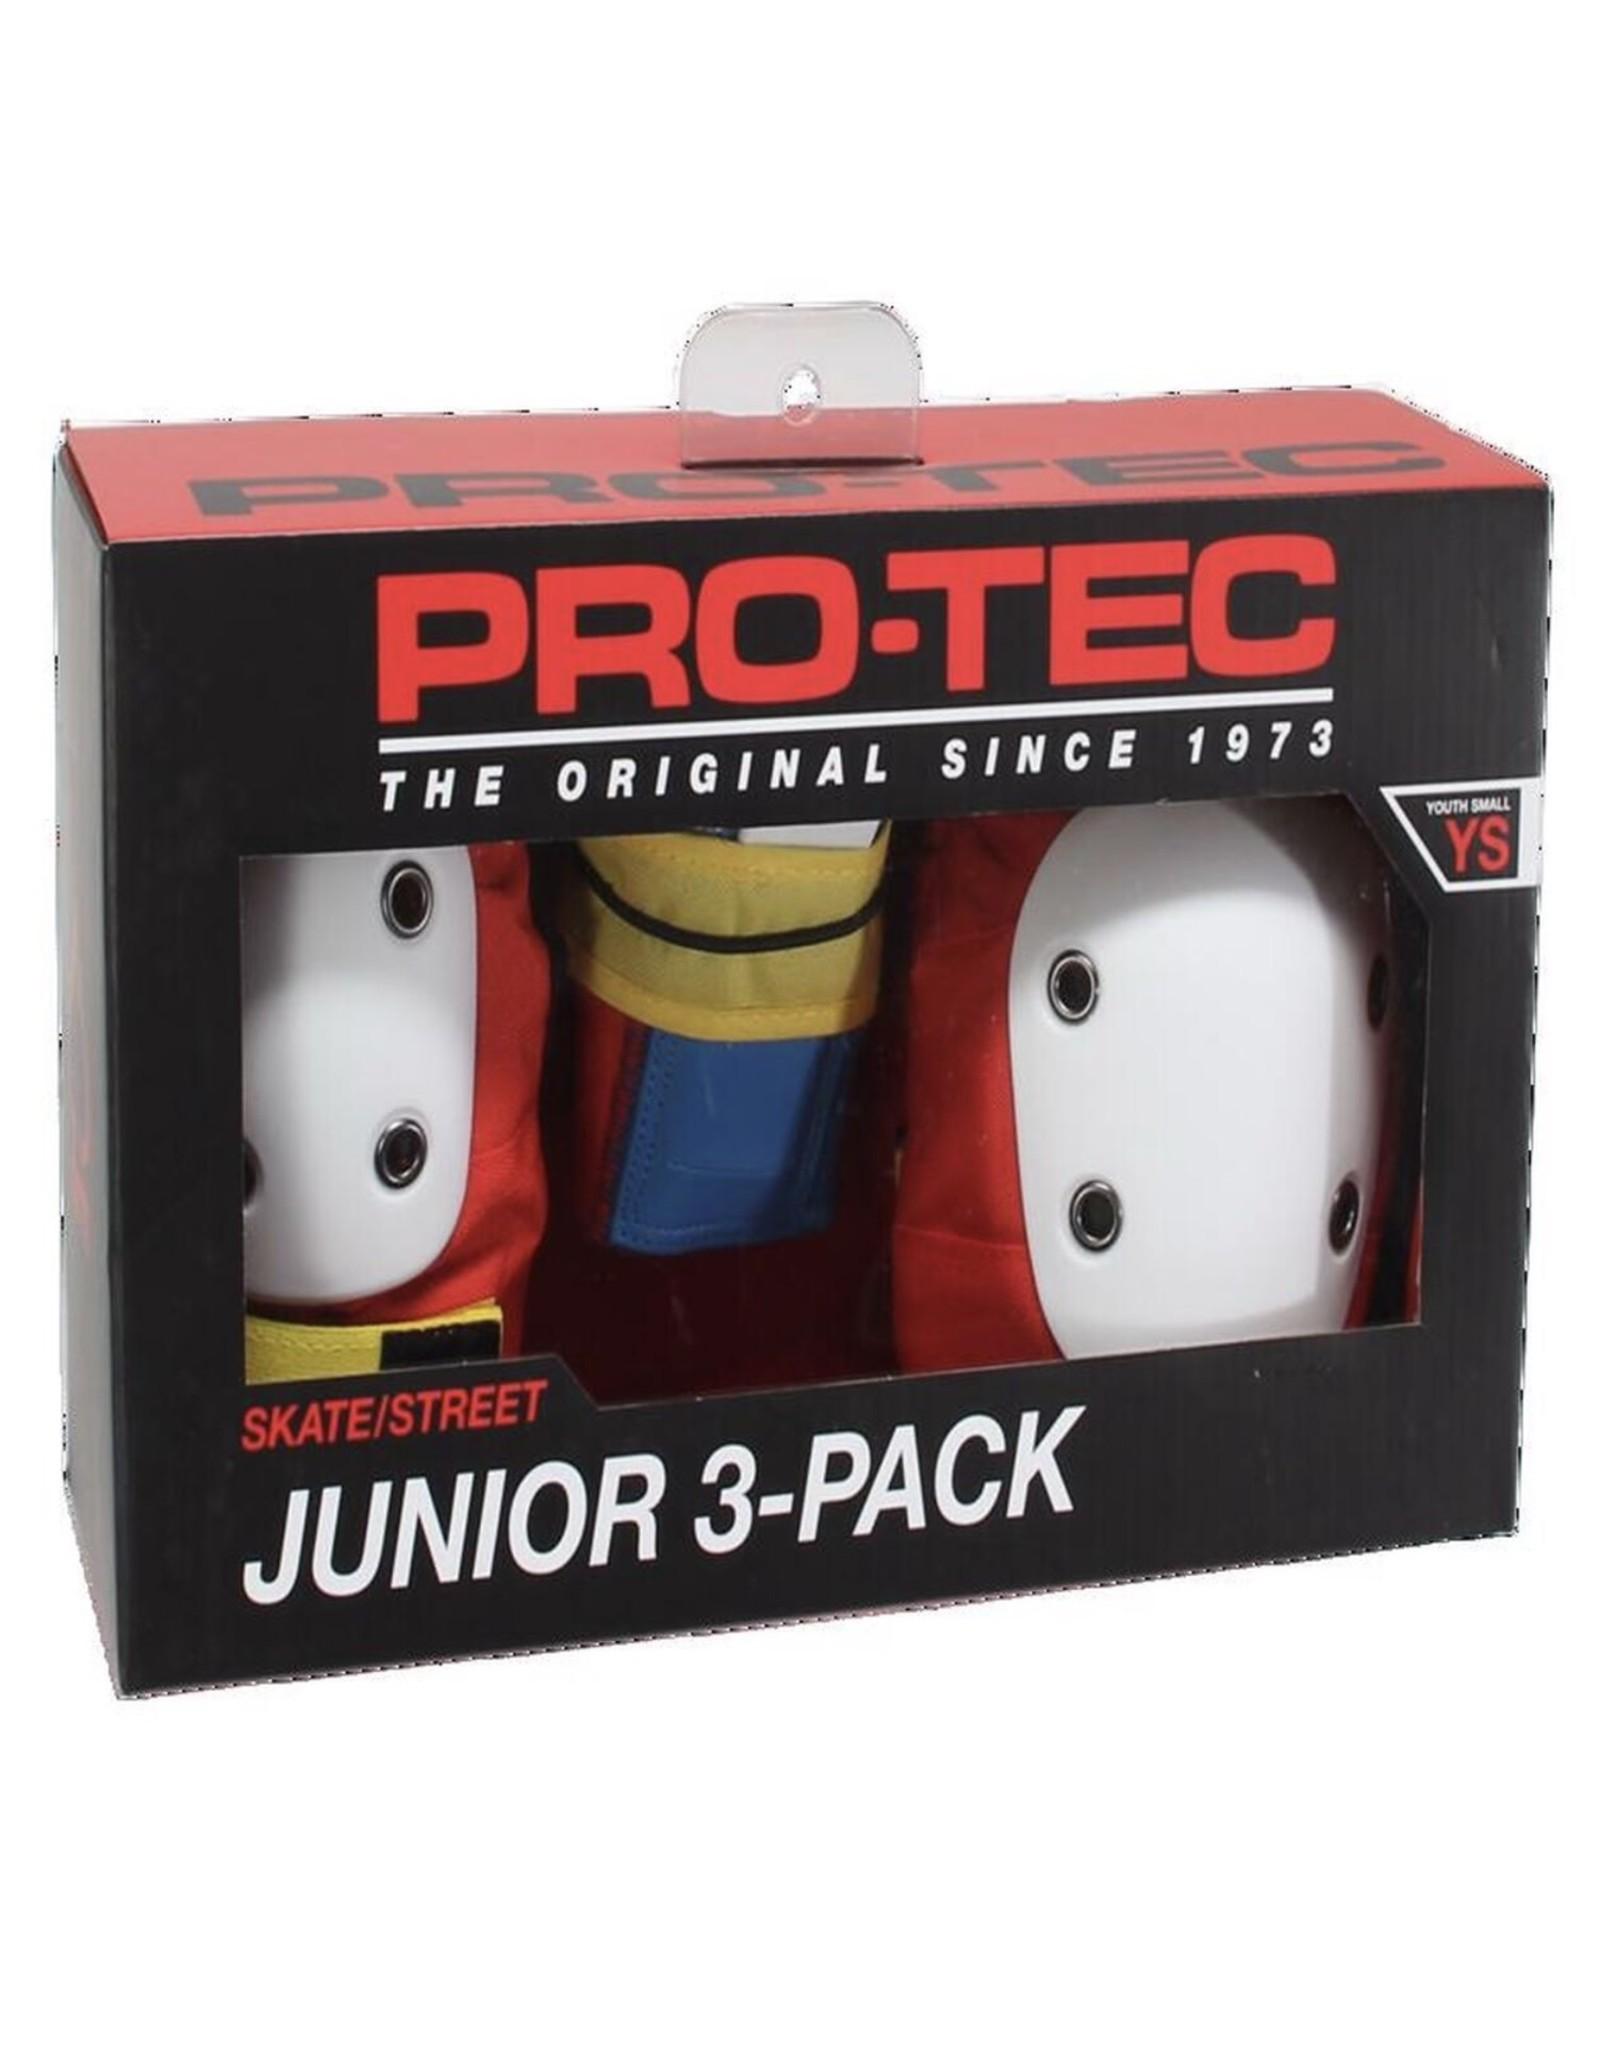 Pro-Tec Junior 3-Pack Pads